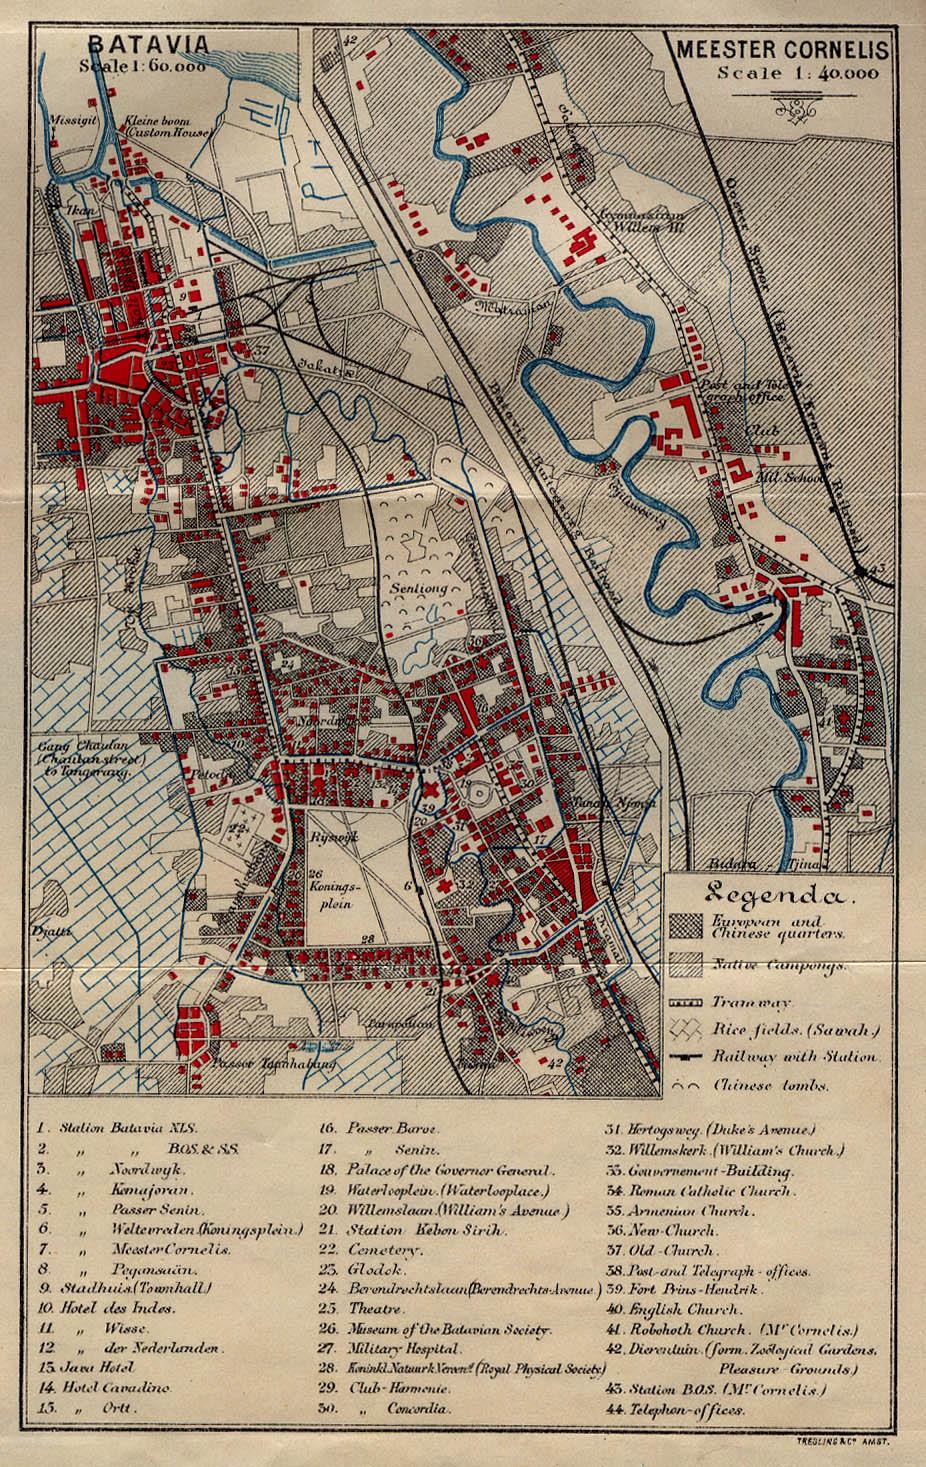 Batavia_1897.jpg